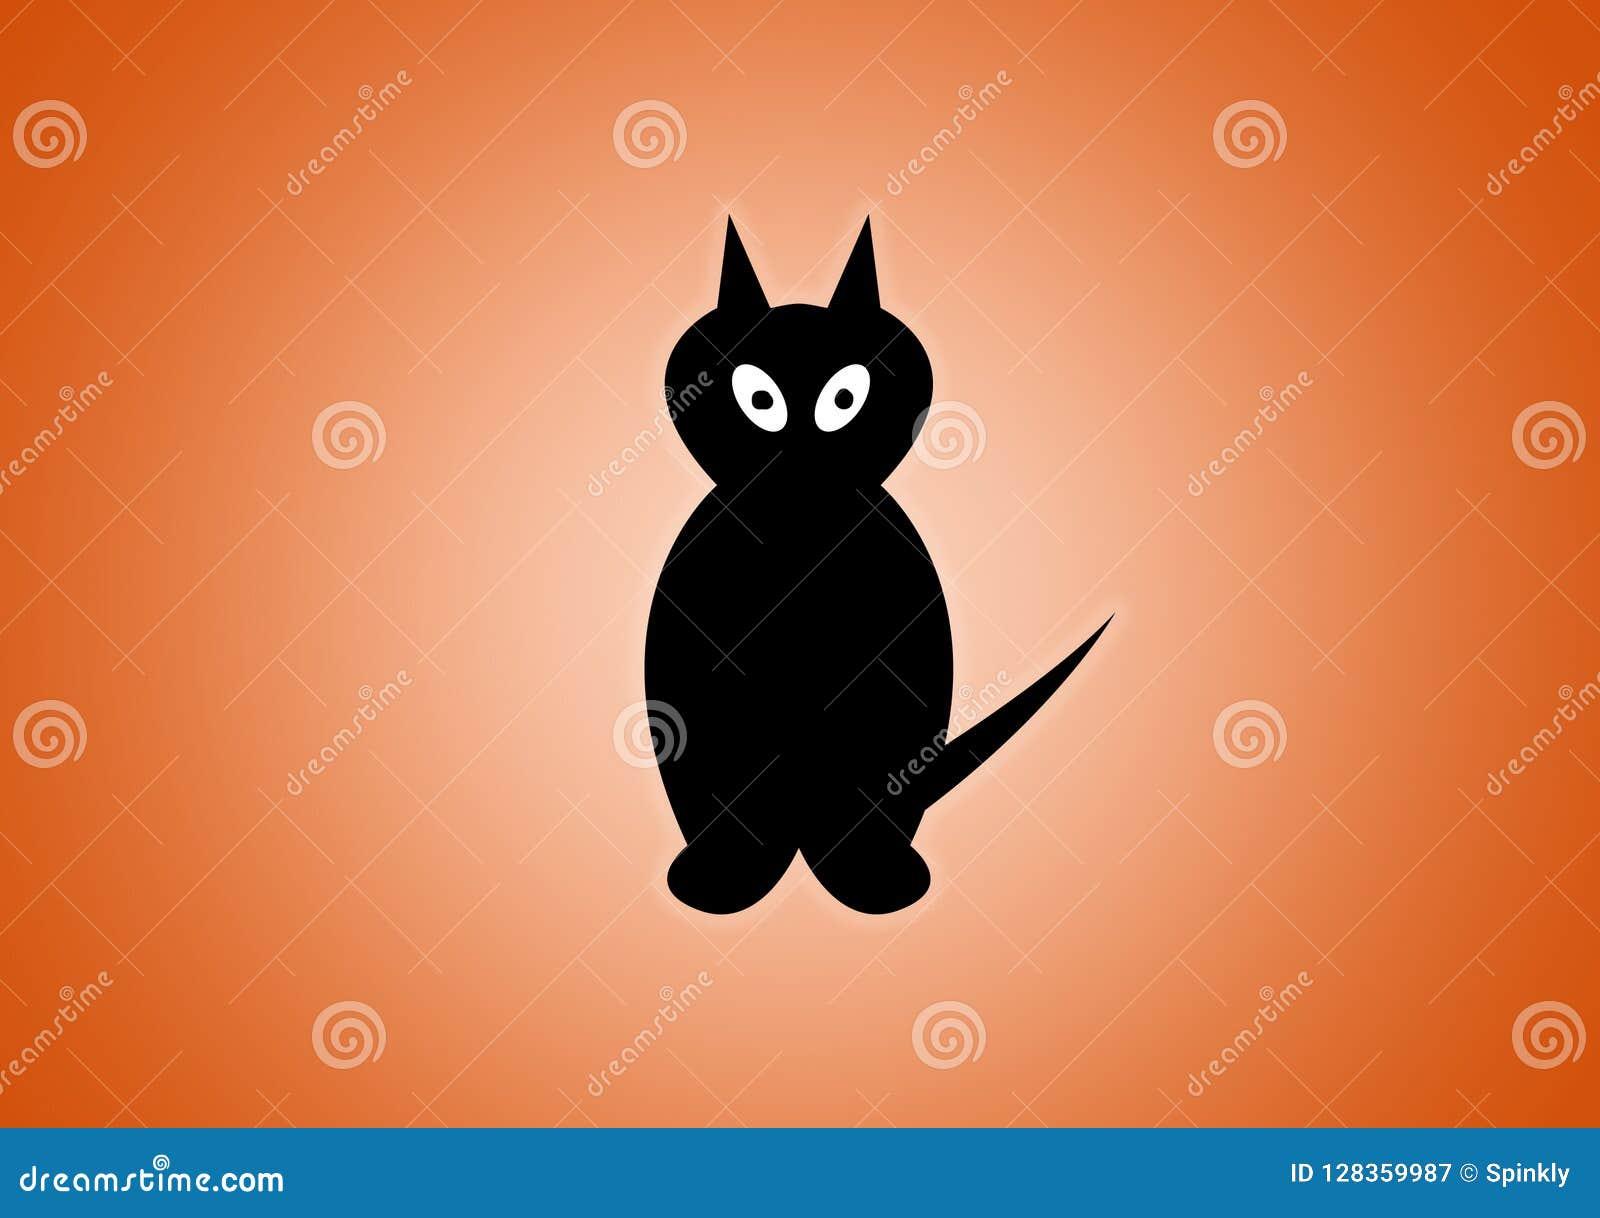 Svart katt som illustreras digitalt på orange bakgrund